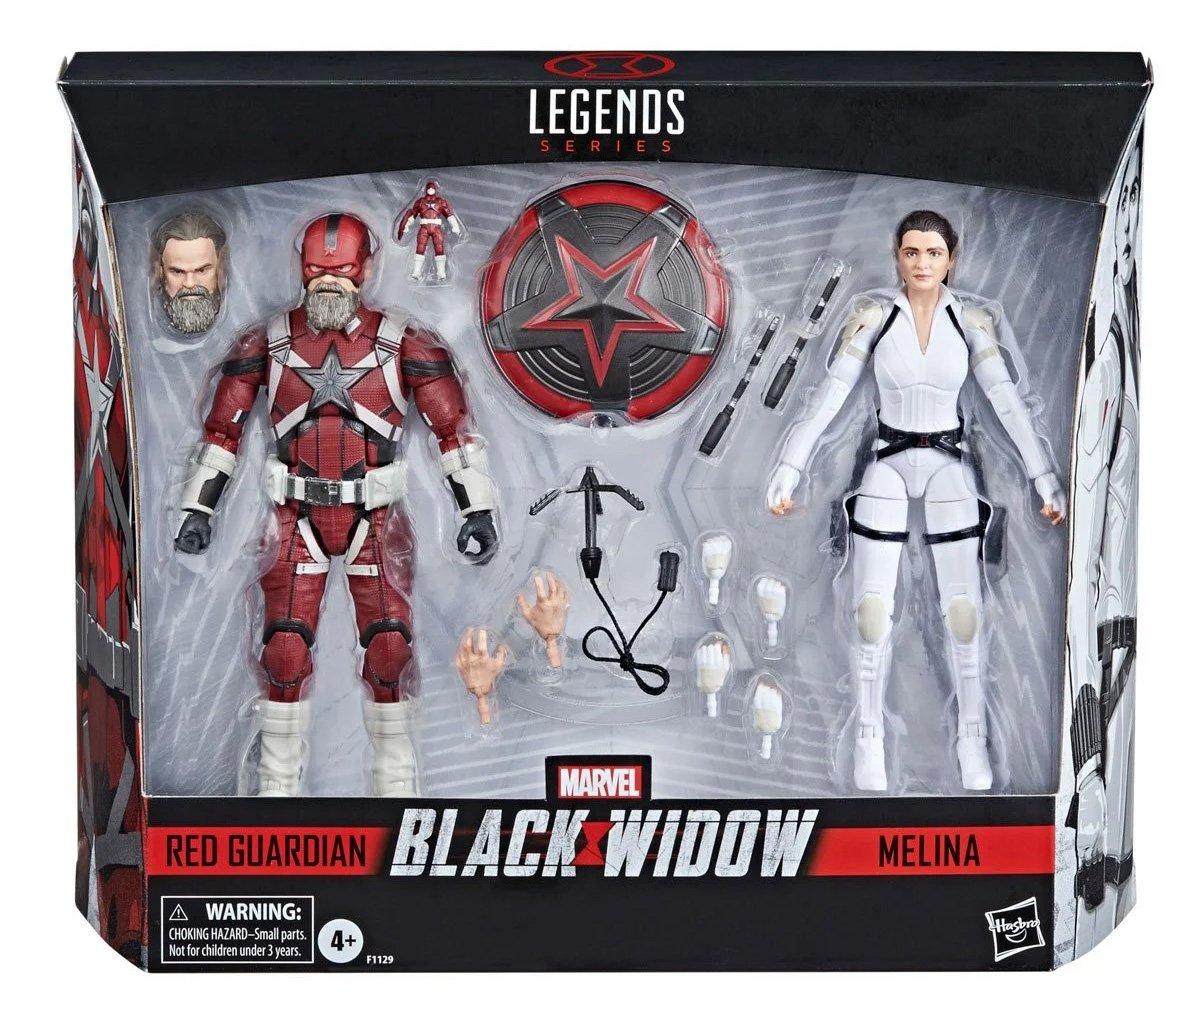 Nuevo merchandising de #BlackWidow con #RedGuardian y #Melina.